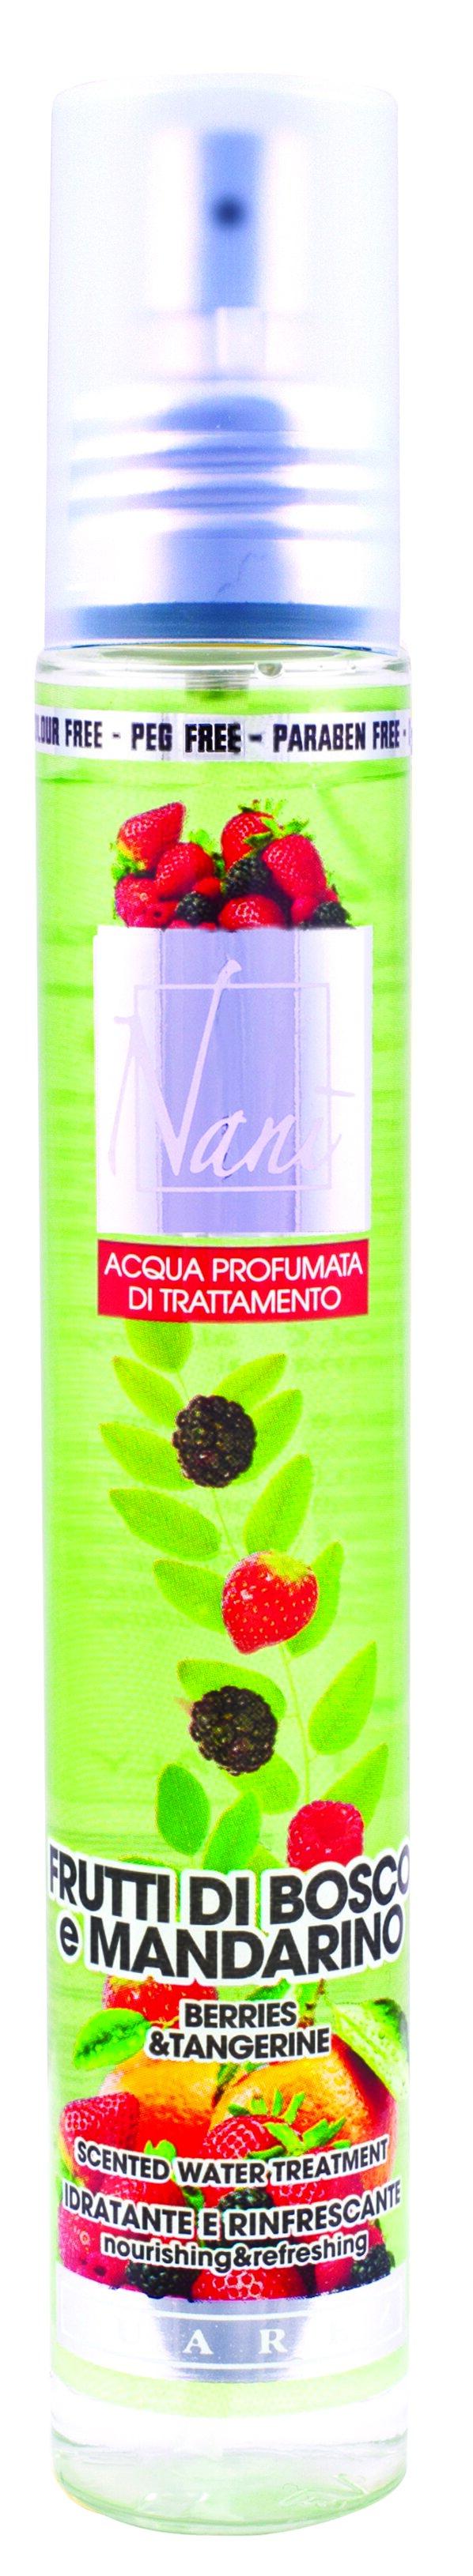 Parfémová voda Nani s přírodní aloe – Lesní plody + mandarinka